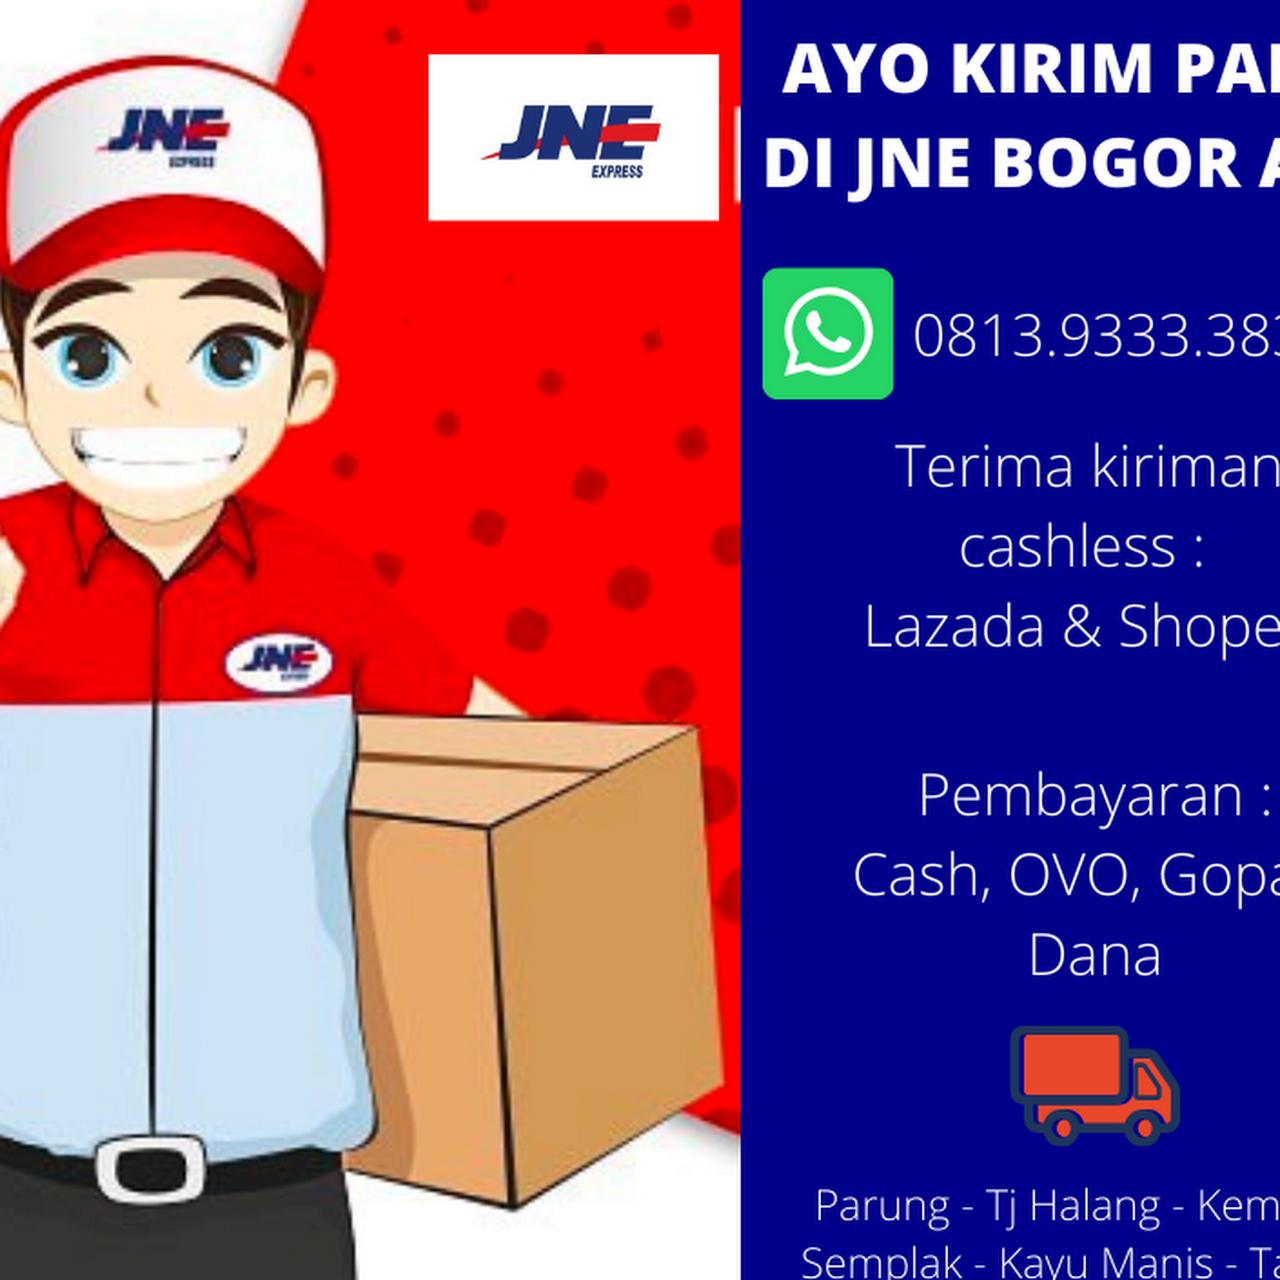 Agen Jne Buka Sampai Malam Kantor Perusahaan Jasa Kiriman Paket Dan Dokumen Di Bogor